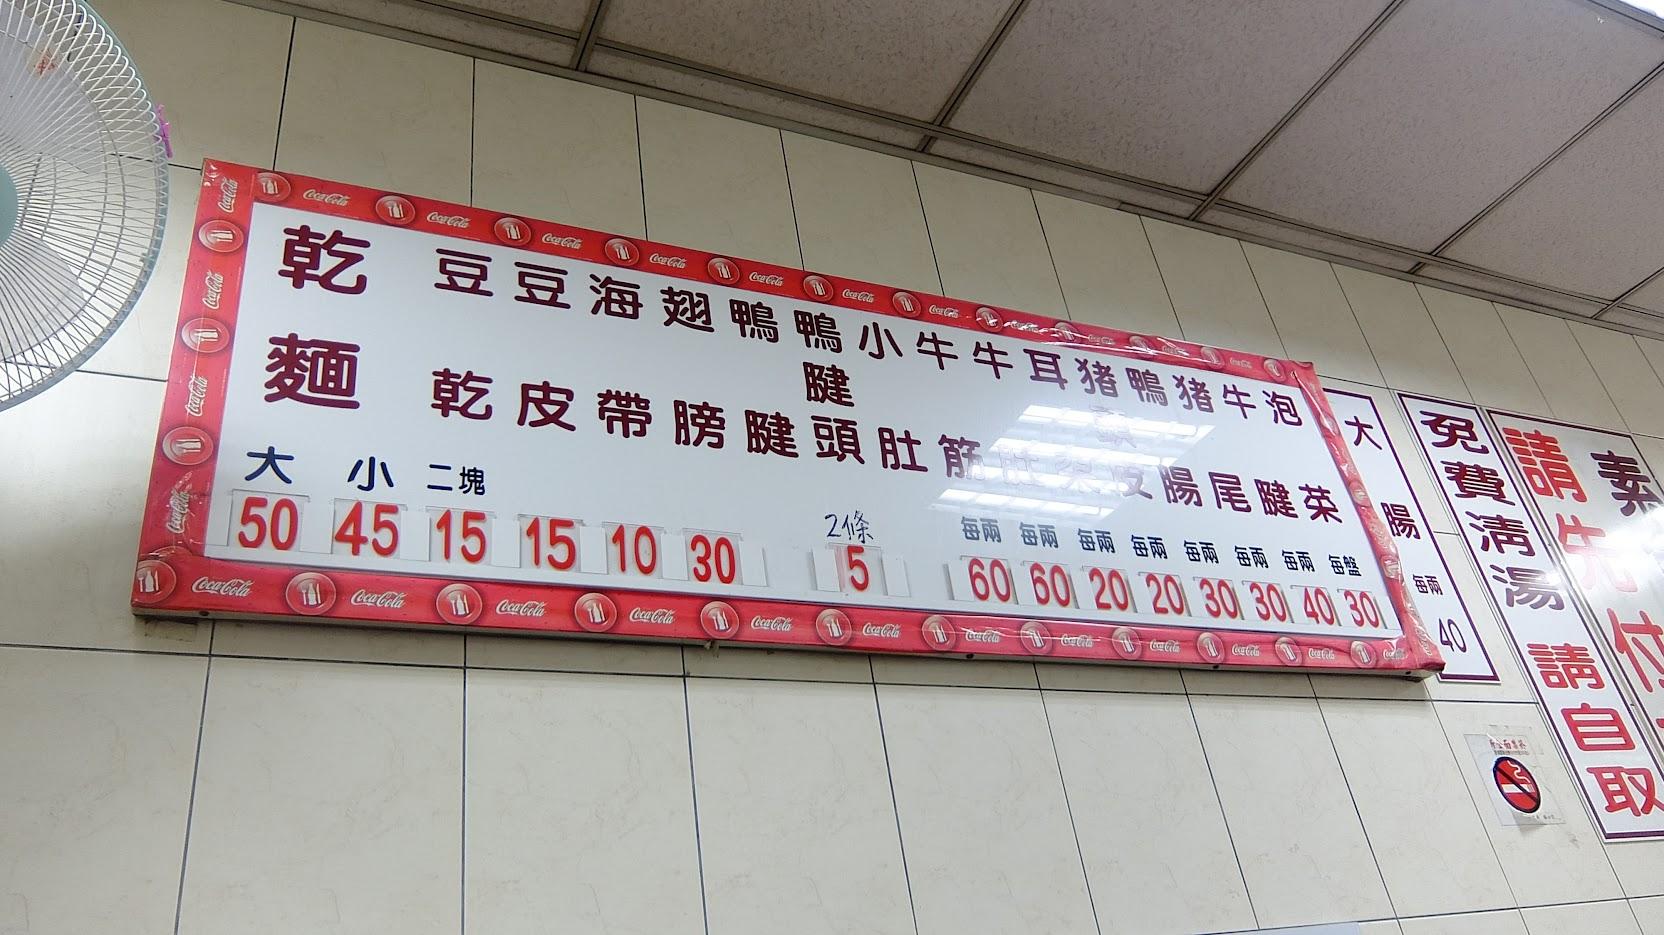 除了乾麵外,滷菜價格是有寫出來的,但在夾取時候根本不會去注意價格阿XDD